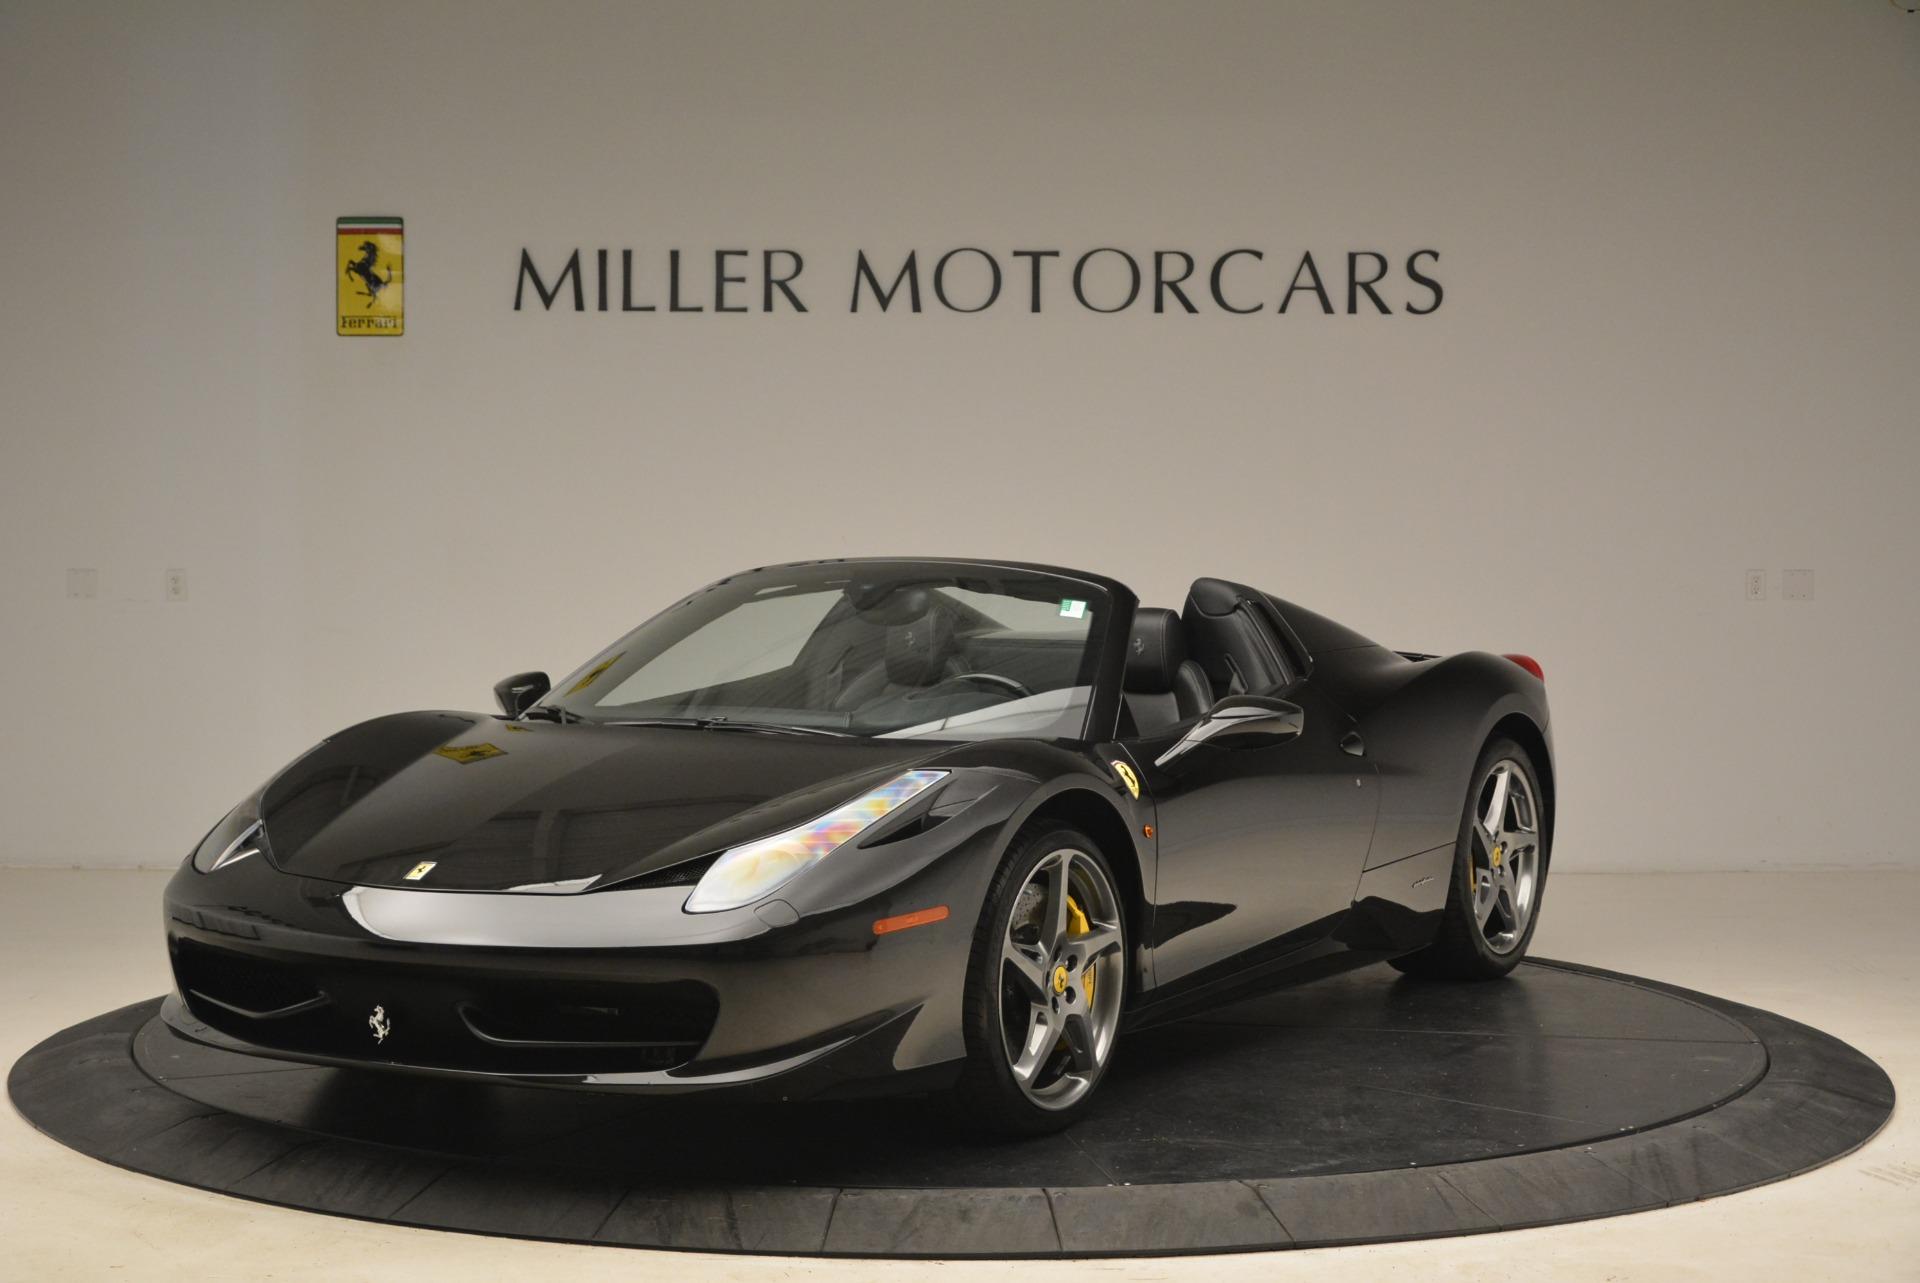 Used 2013 Ferrari 458 Spider for sale Sold at Bugatti of Greenwich in Greenwich CT 06830 1